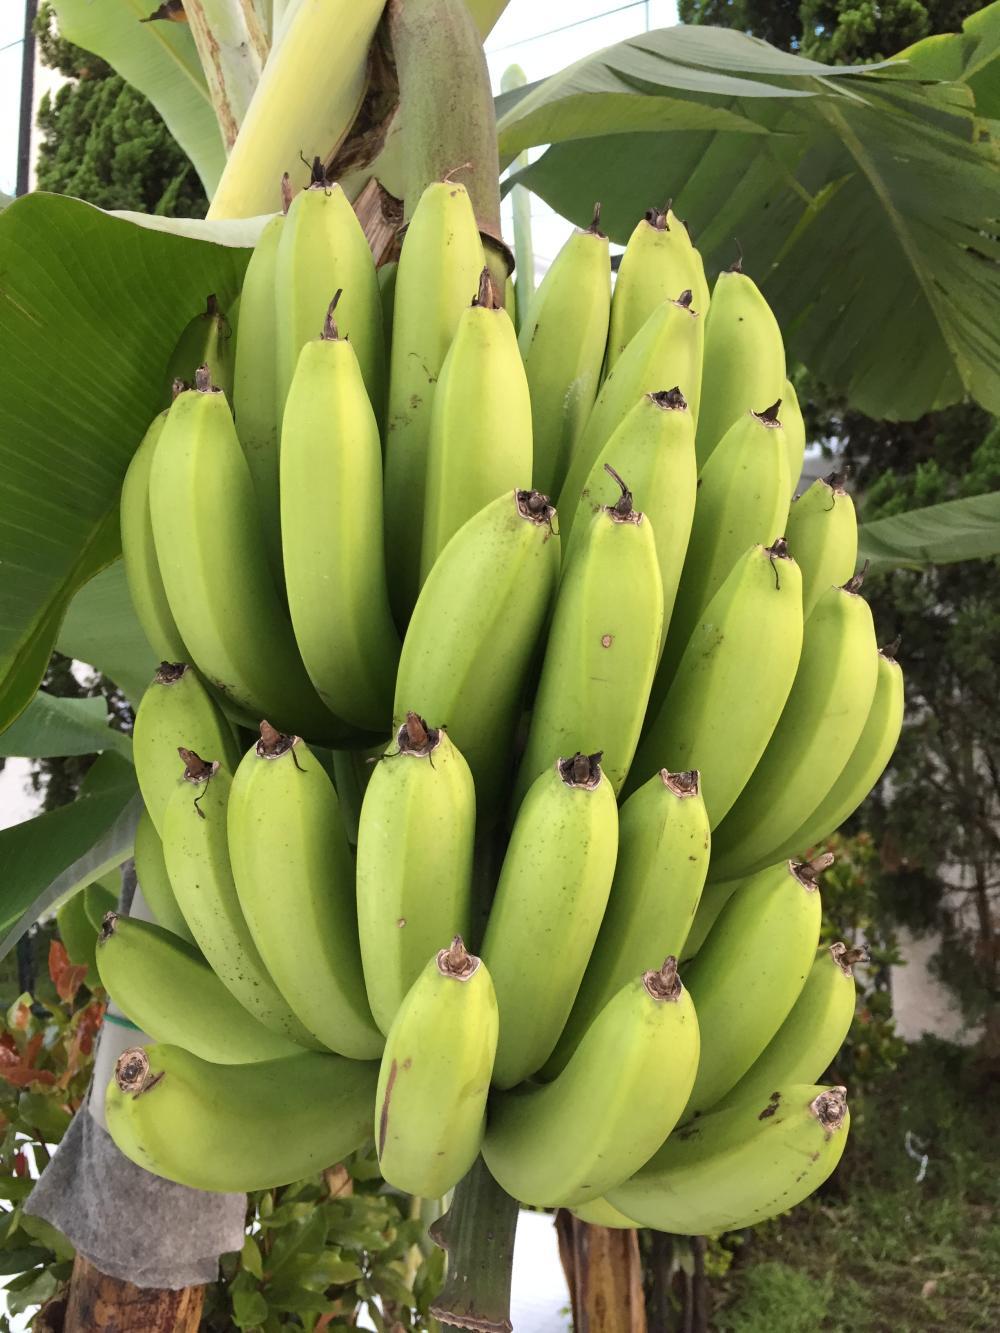 William banana